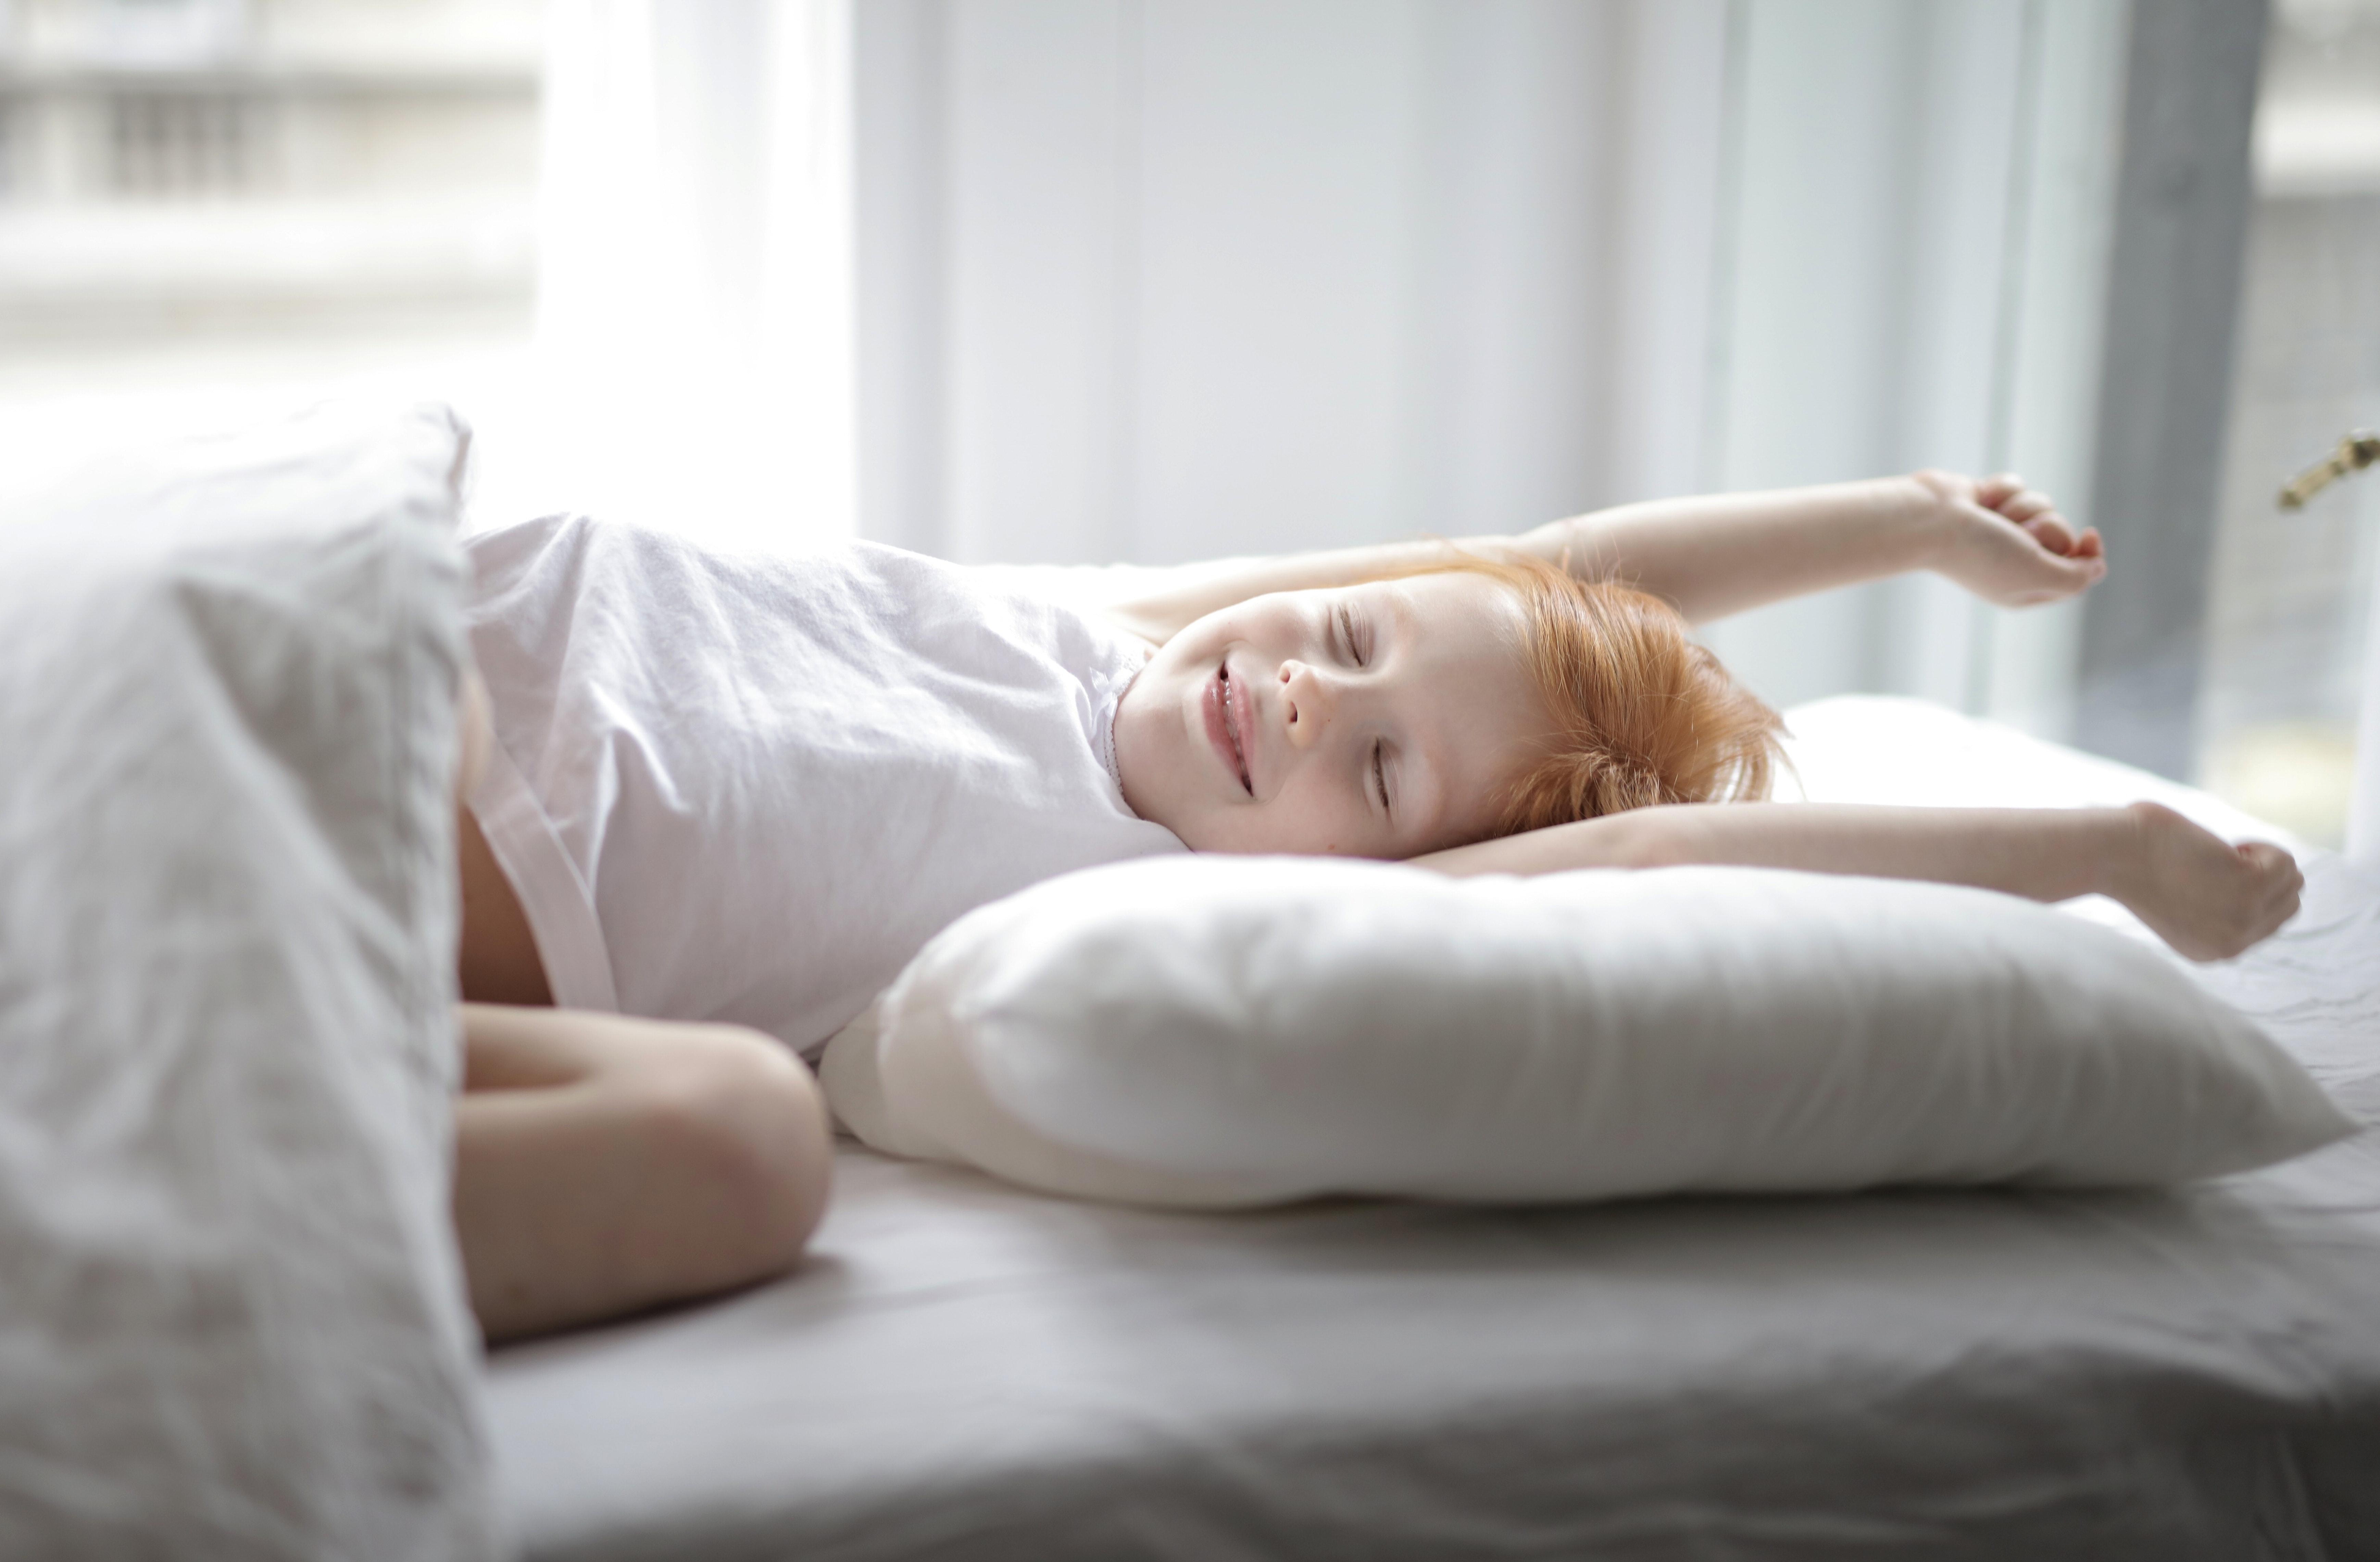 E thonë studiuesit! Gjumi në ditë me shi shijon më shumë për këto arsye